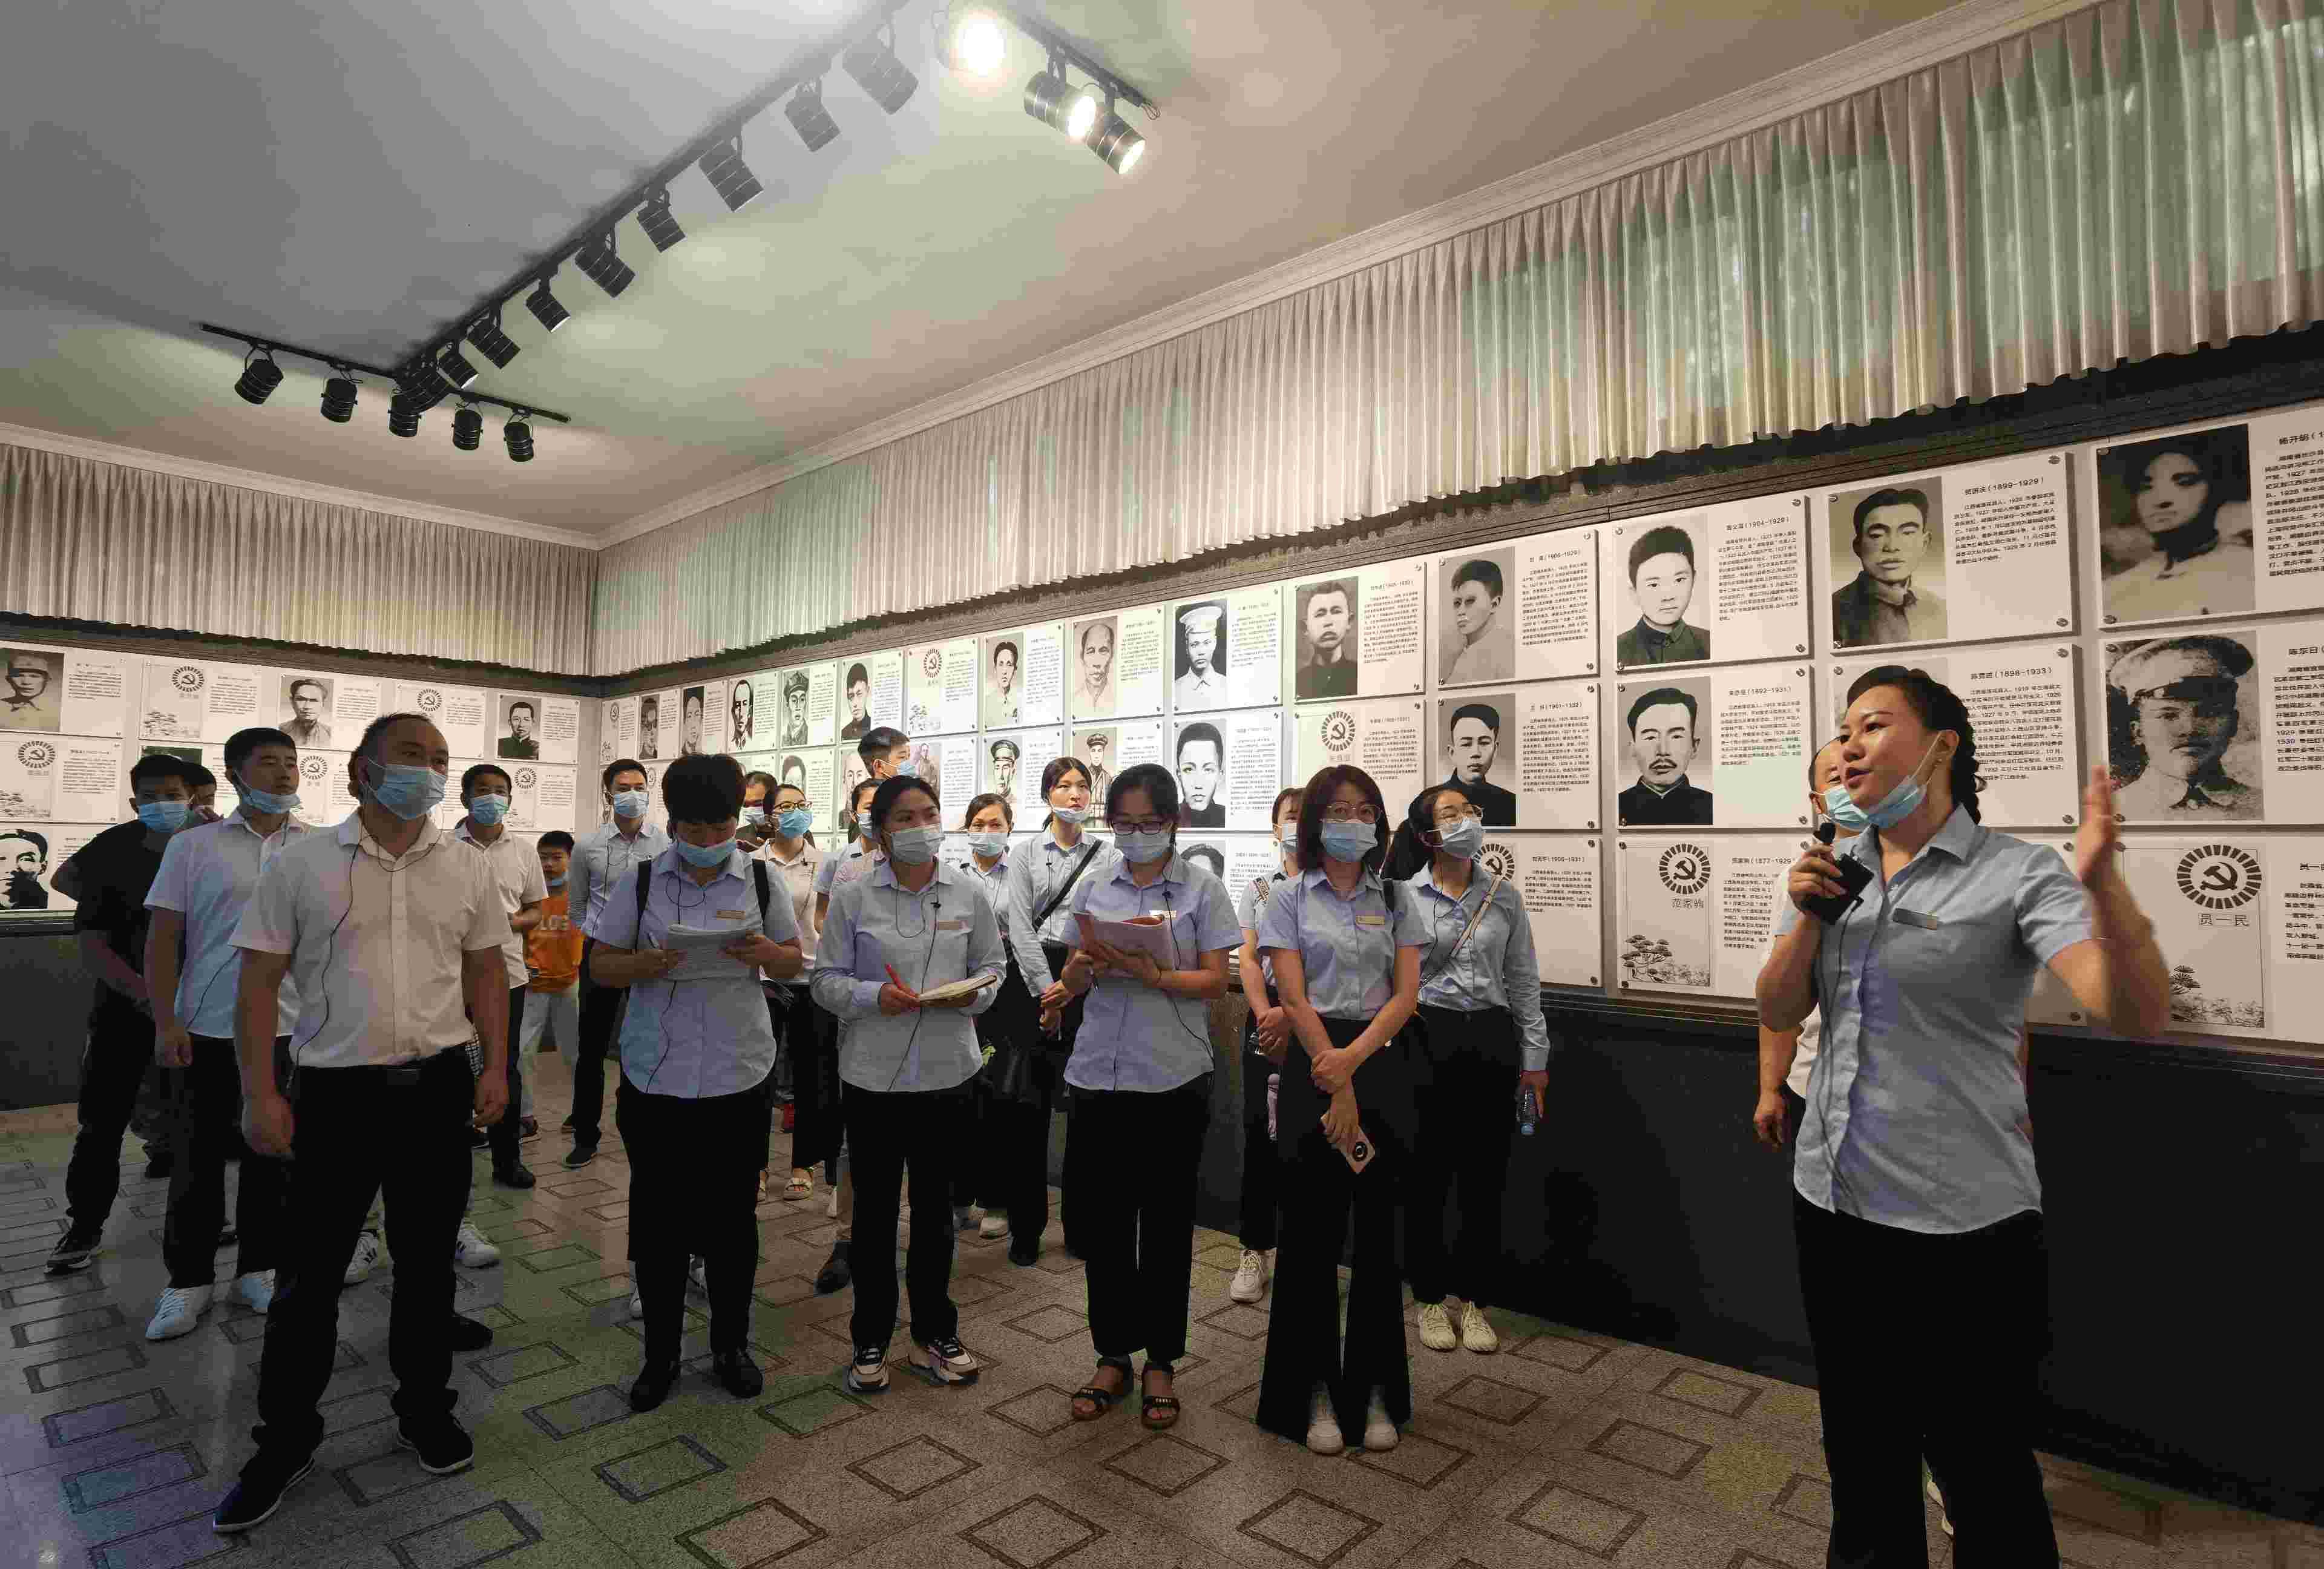 我校组织教职工前往井冈山革命烈士陵园进行现场考核学习